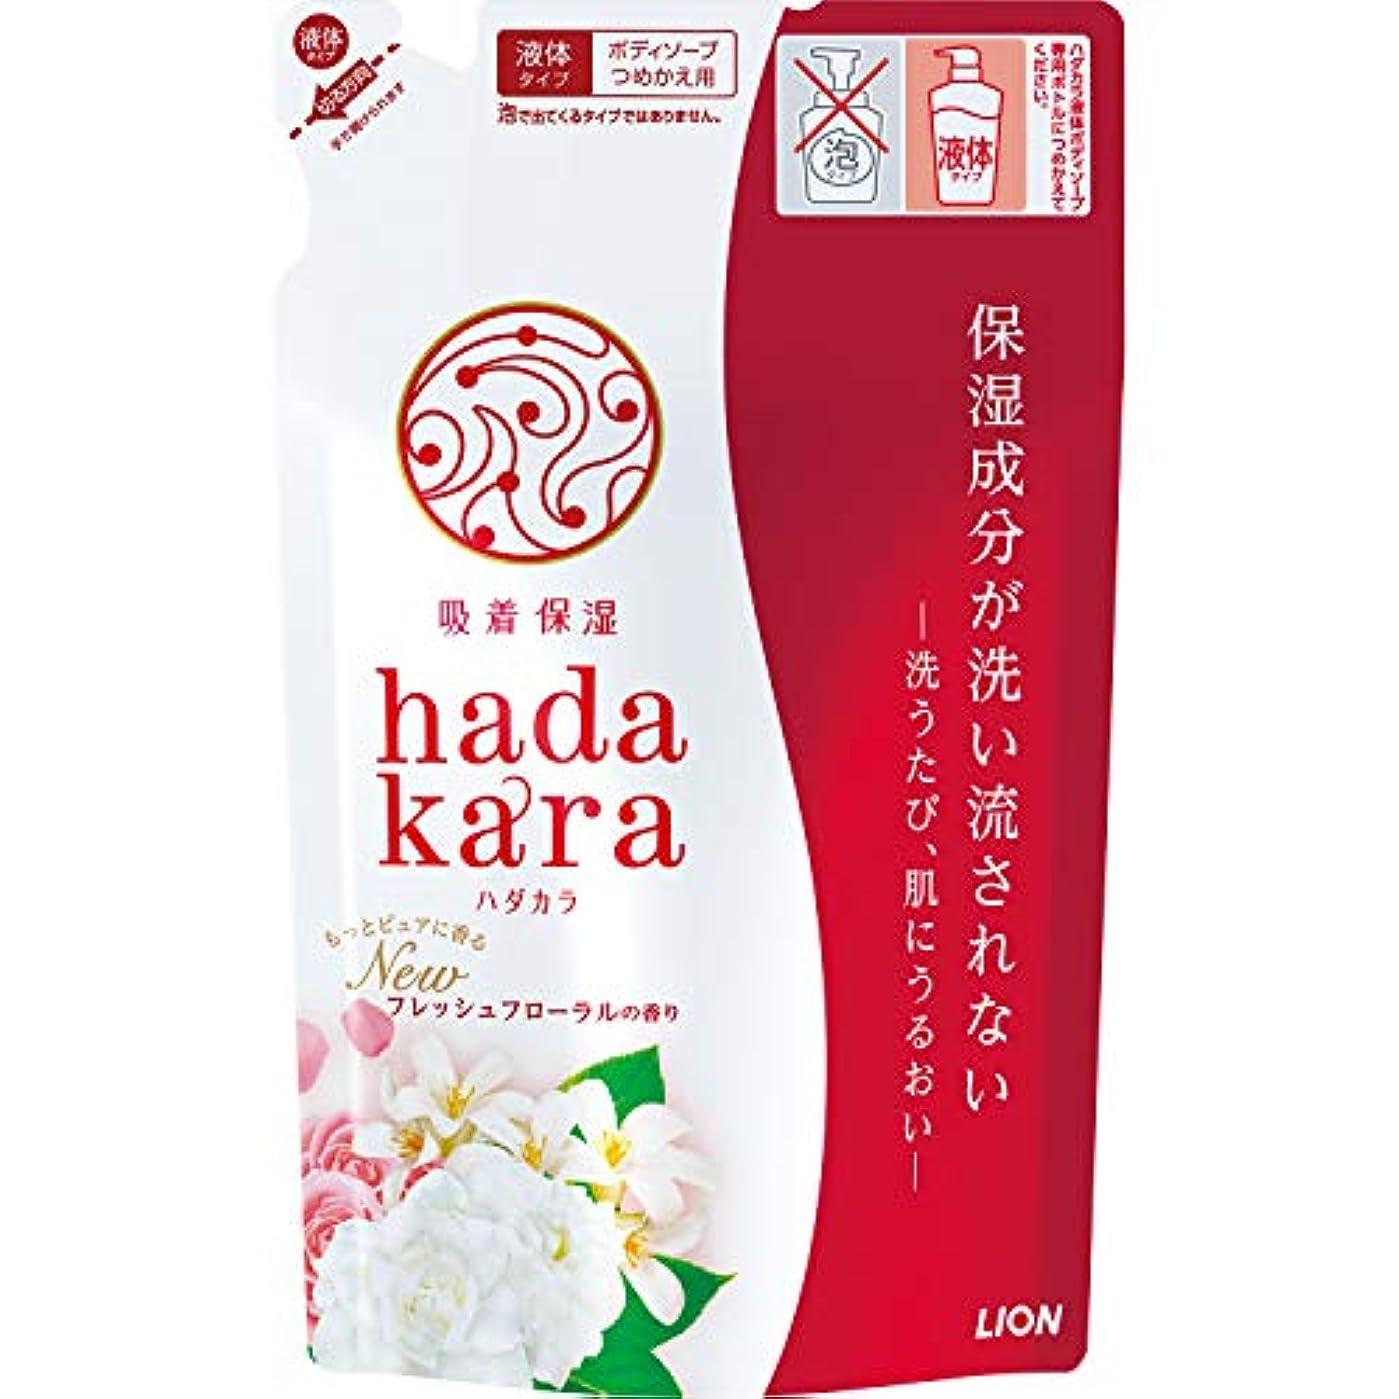 ピース囚人瀬戸際hadakara(ハダカラ) ボディソープ フローラルブーケの香り 詰め替え 360ml